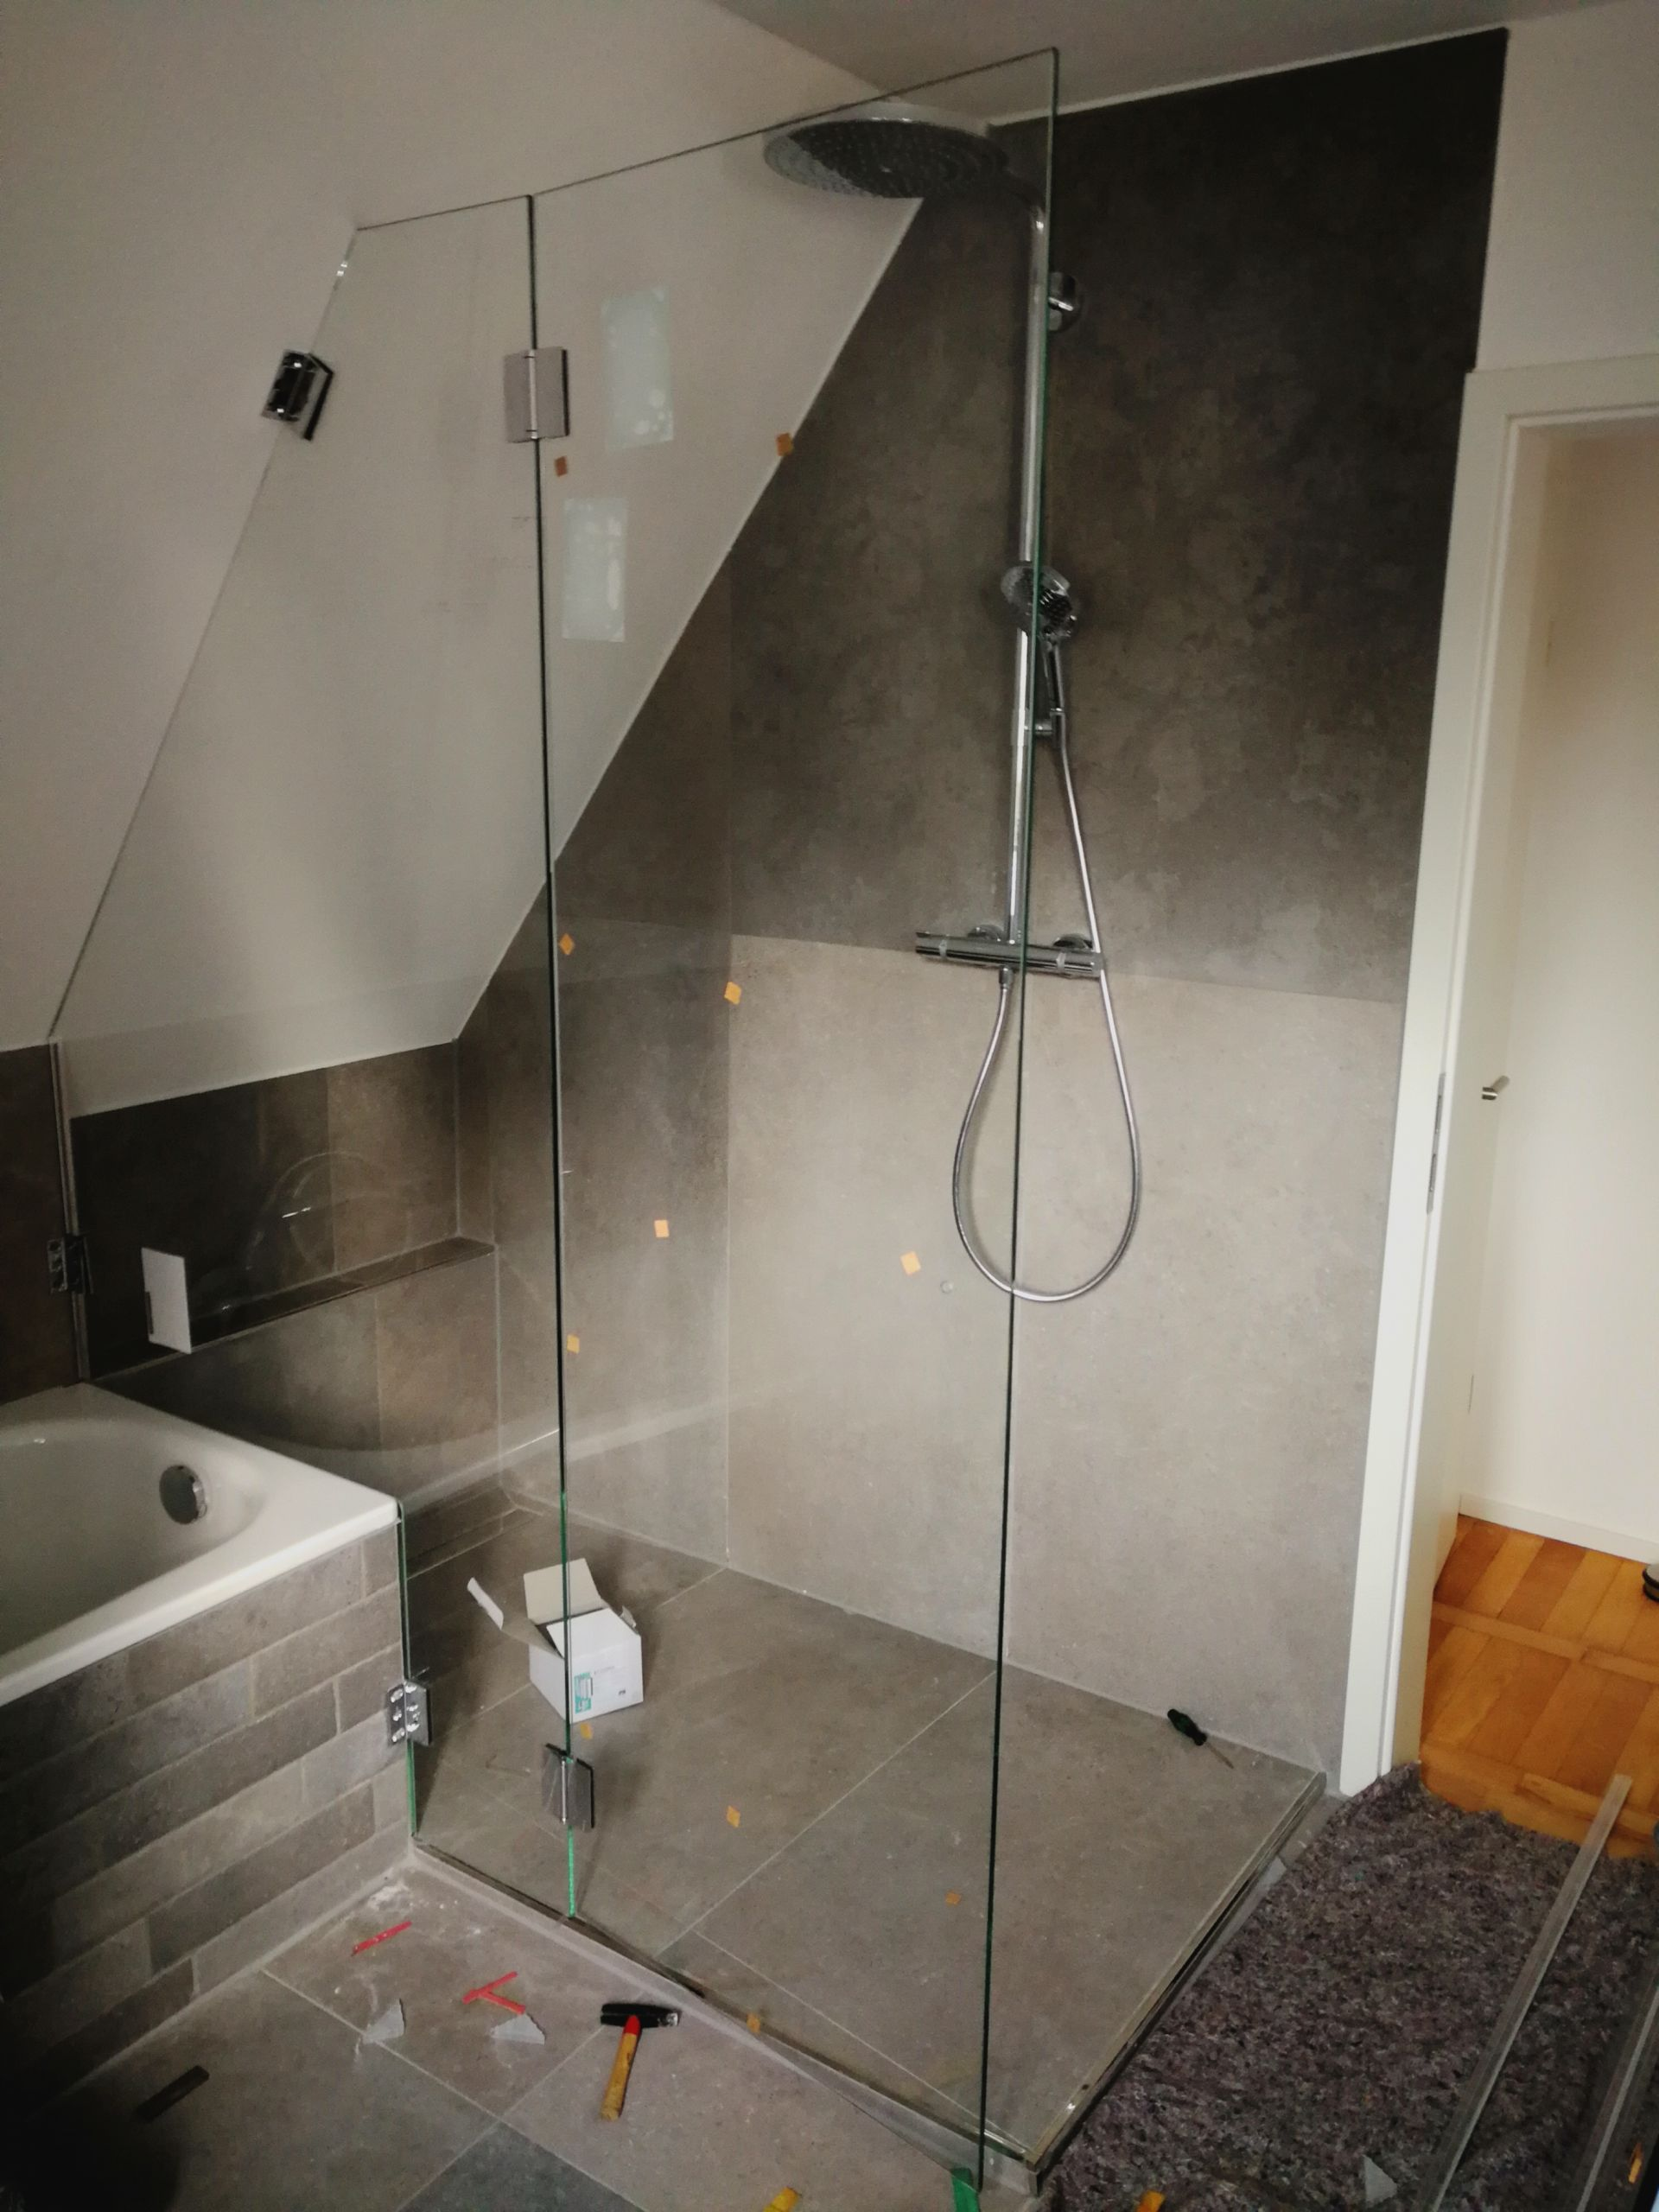 sauna in dachschrage einbauen ostseesuche deko fur schrage wande deko fur schrage wande